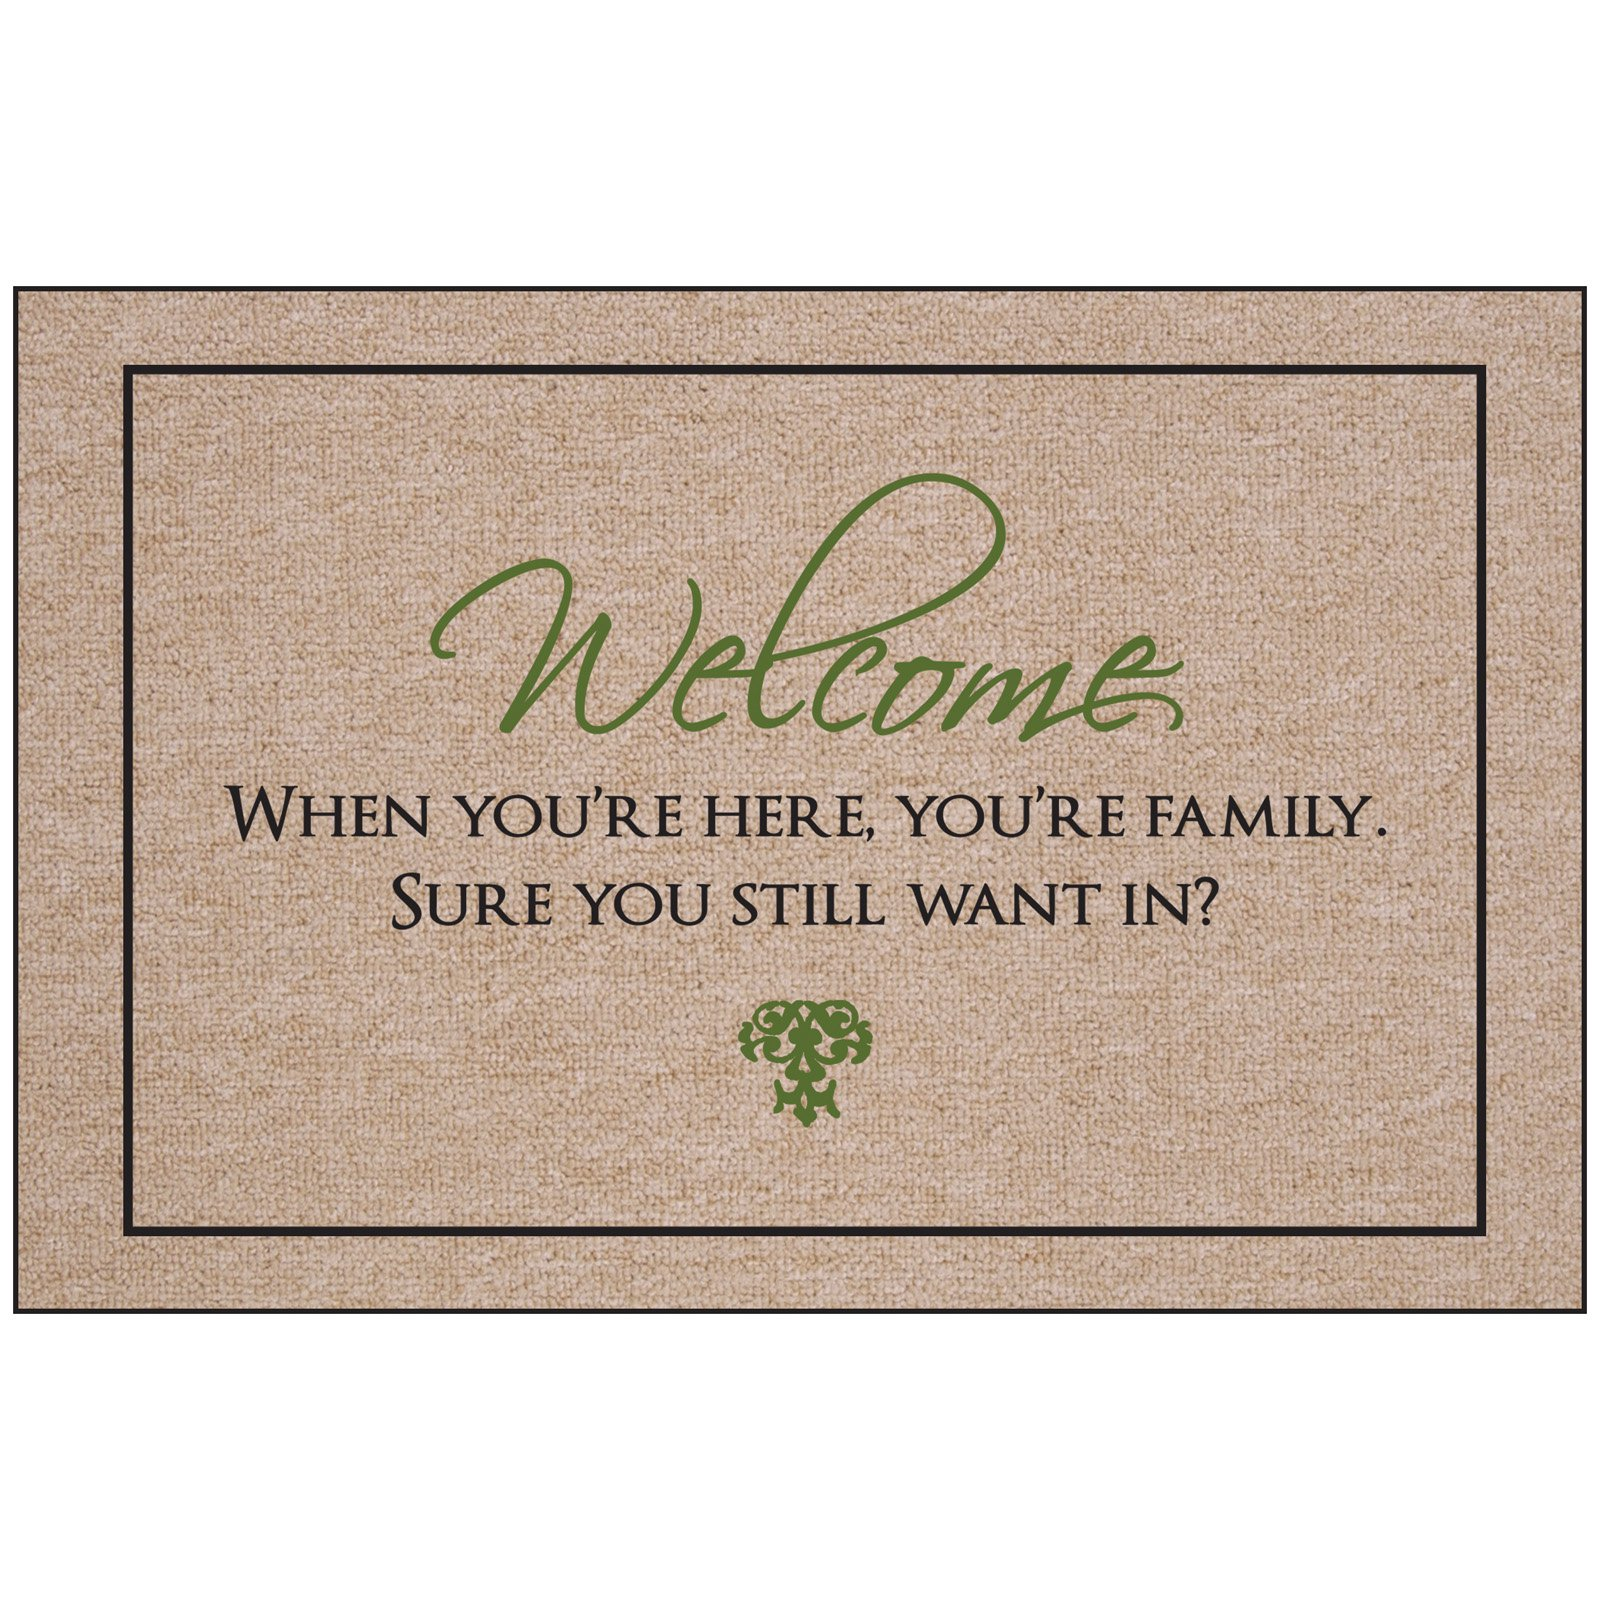 Welcome - You are Family Indoor/Outdoor Door Mat